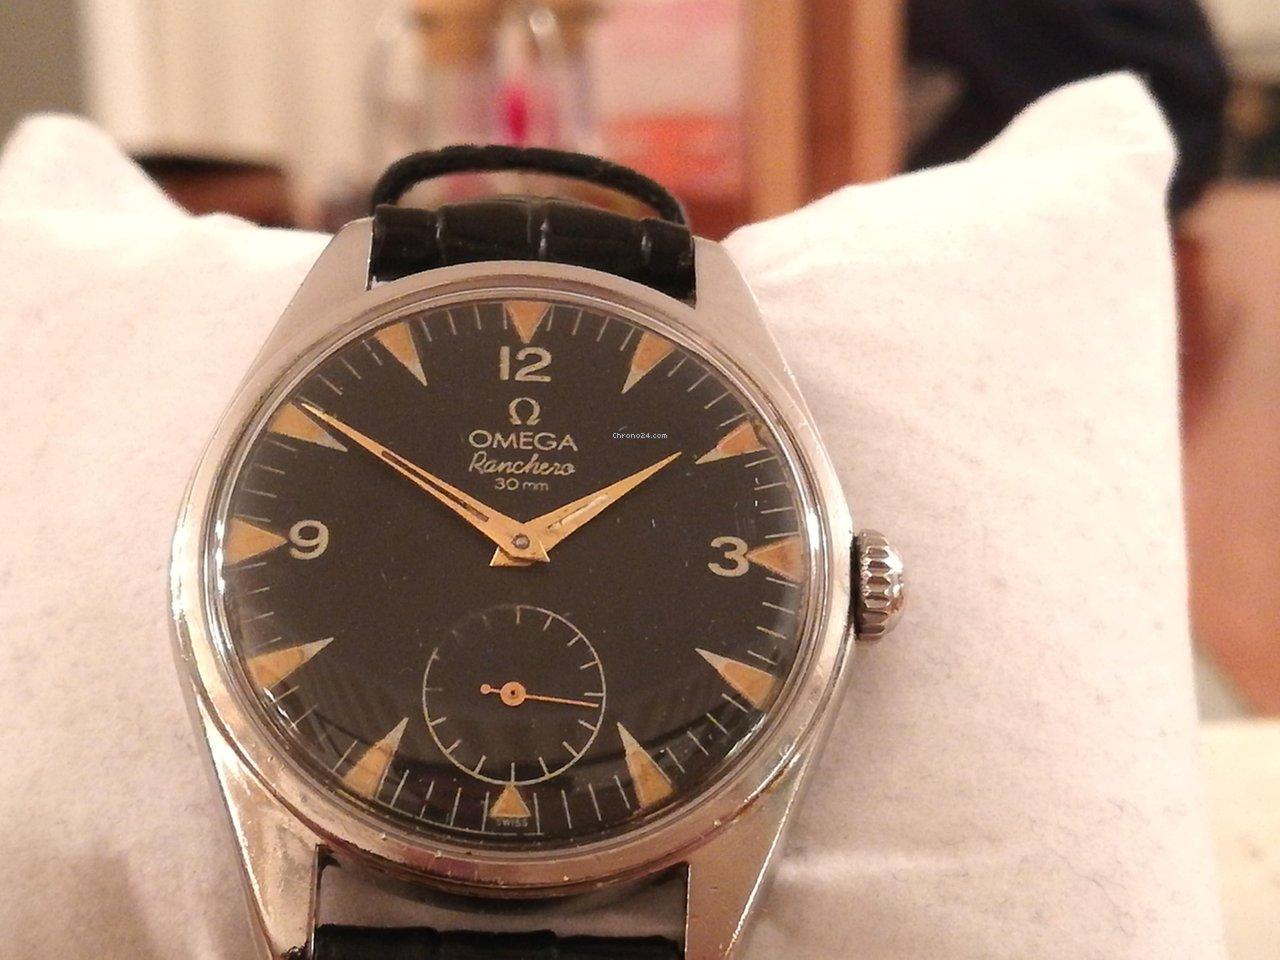 1f2b7900e9d Begagnade Omega klockor | köp begagnad Omega klocka hos Chrono24